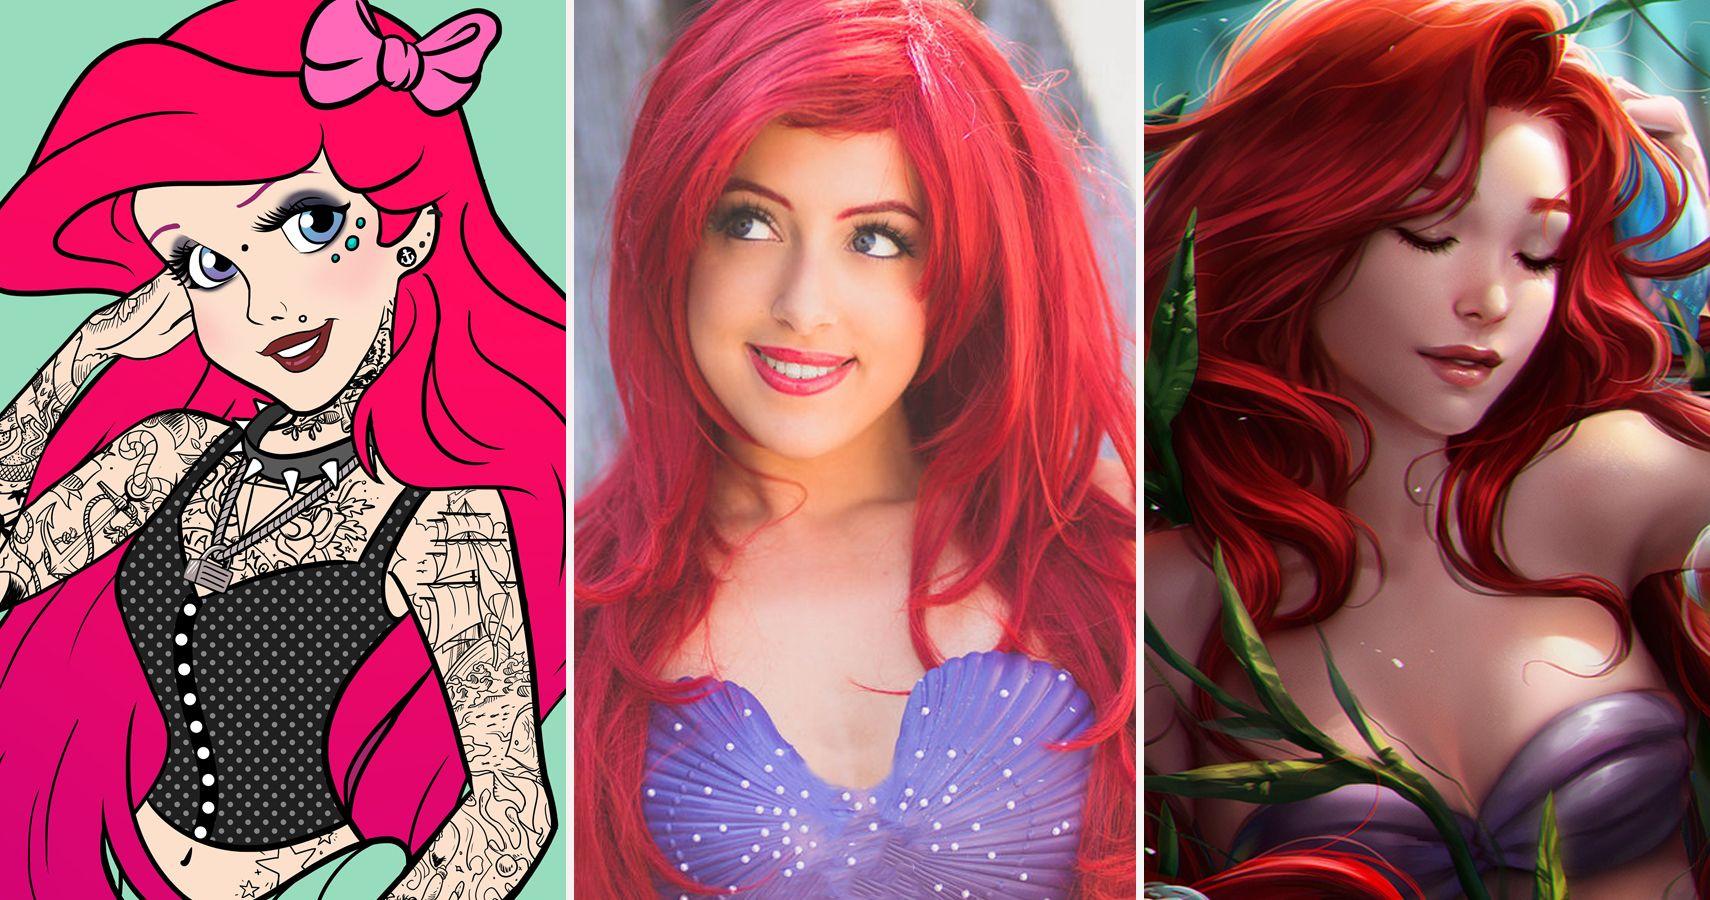 Hottest redhead girl ariel